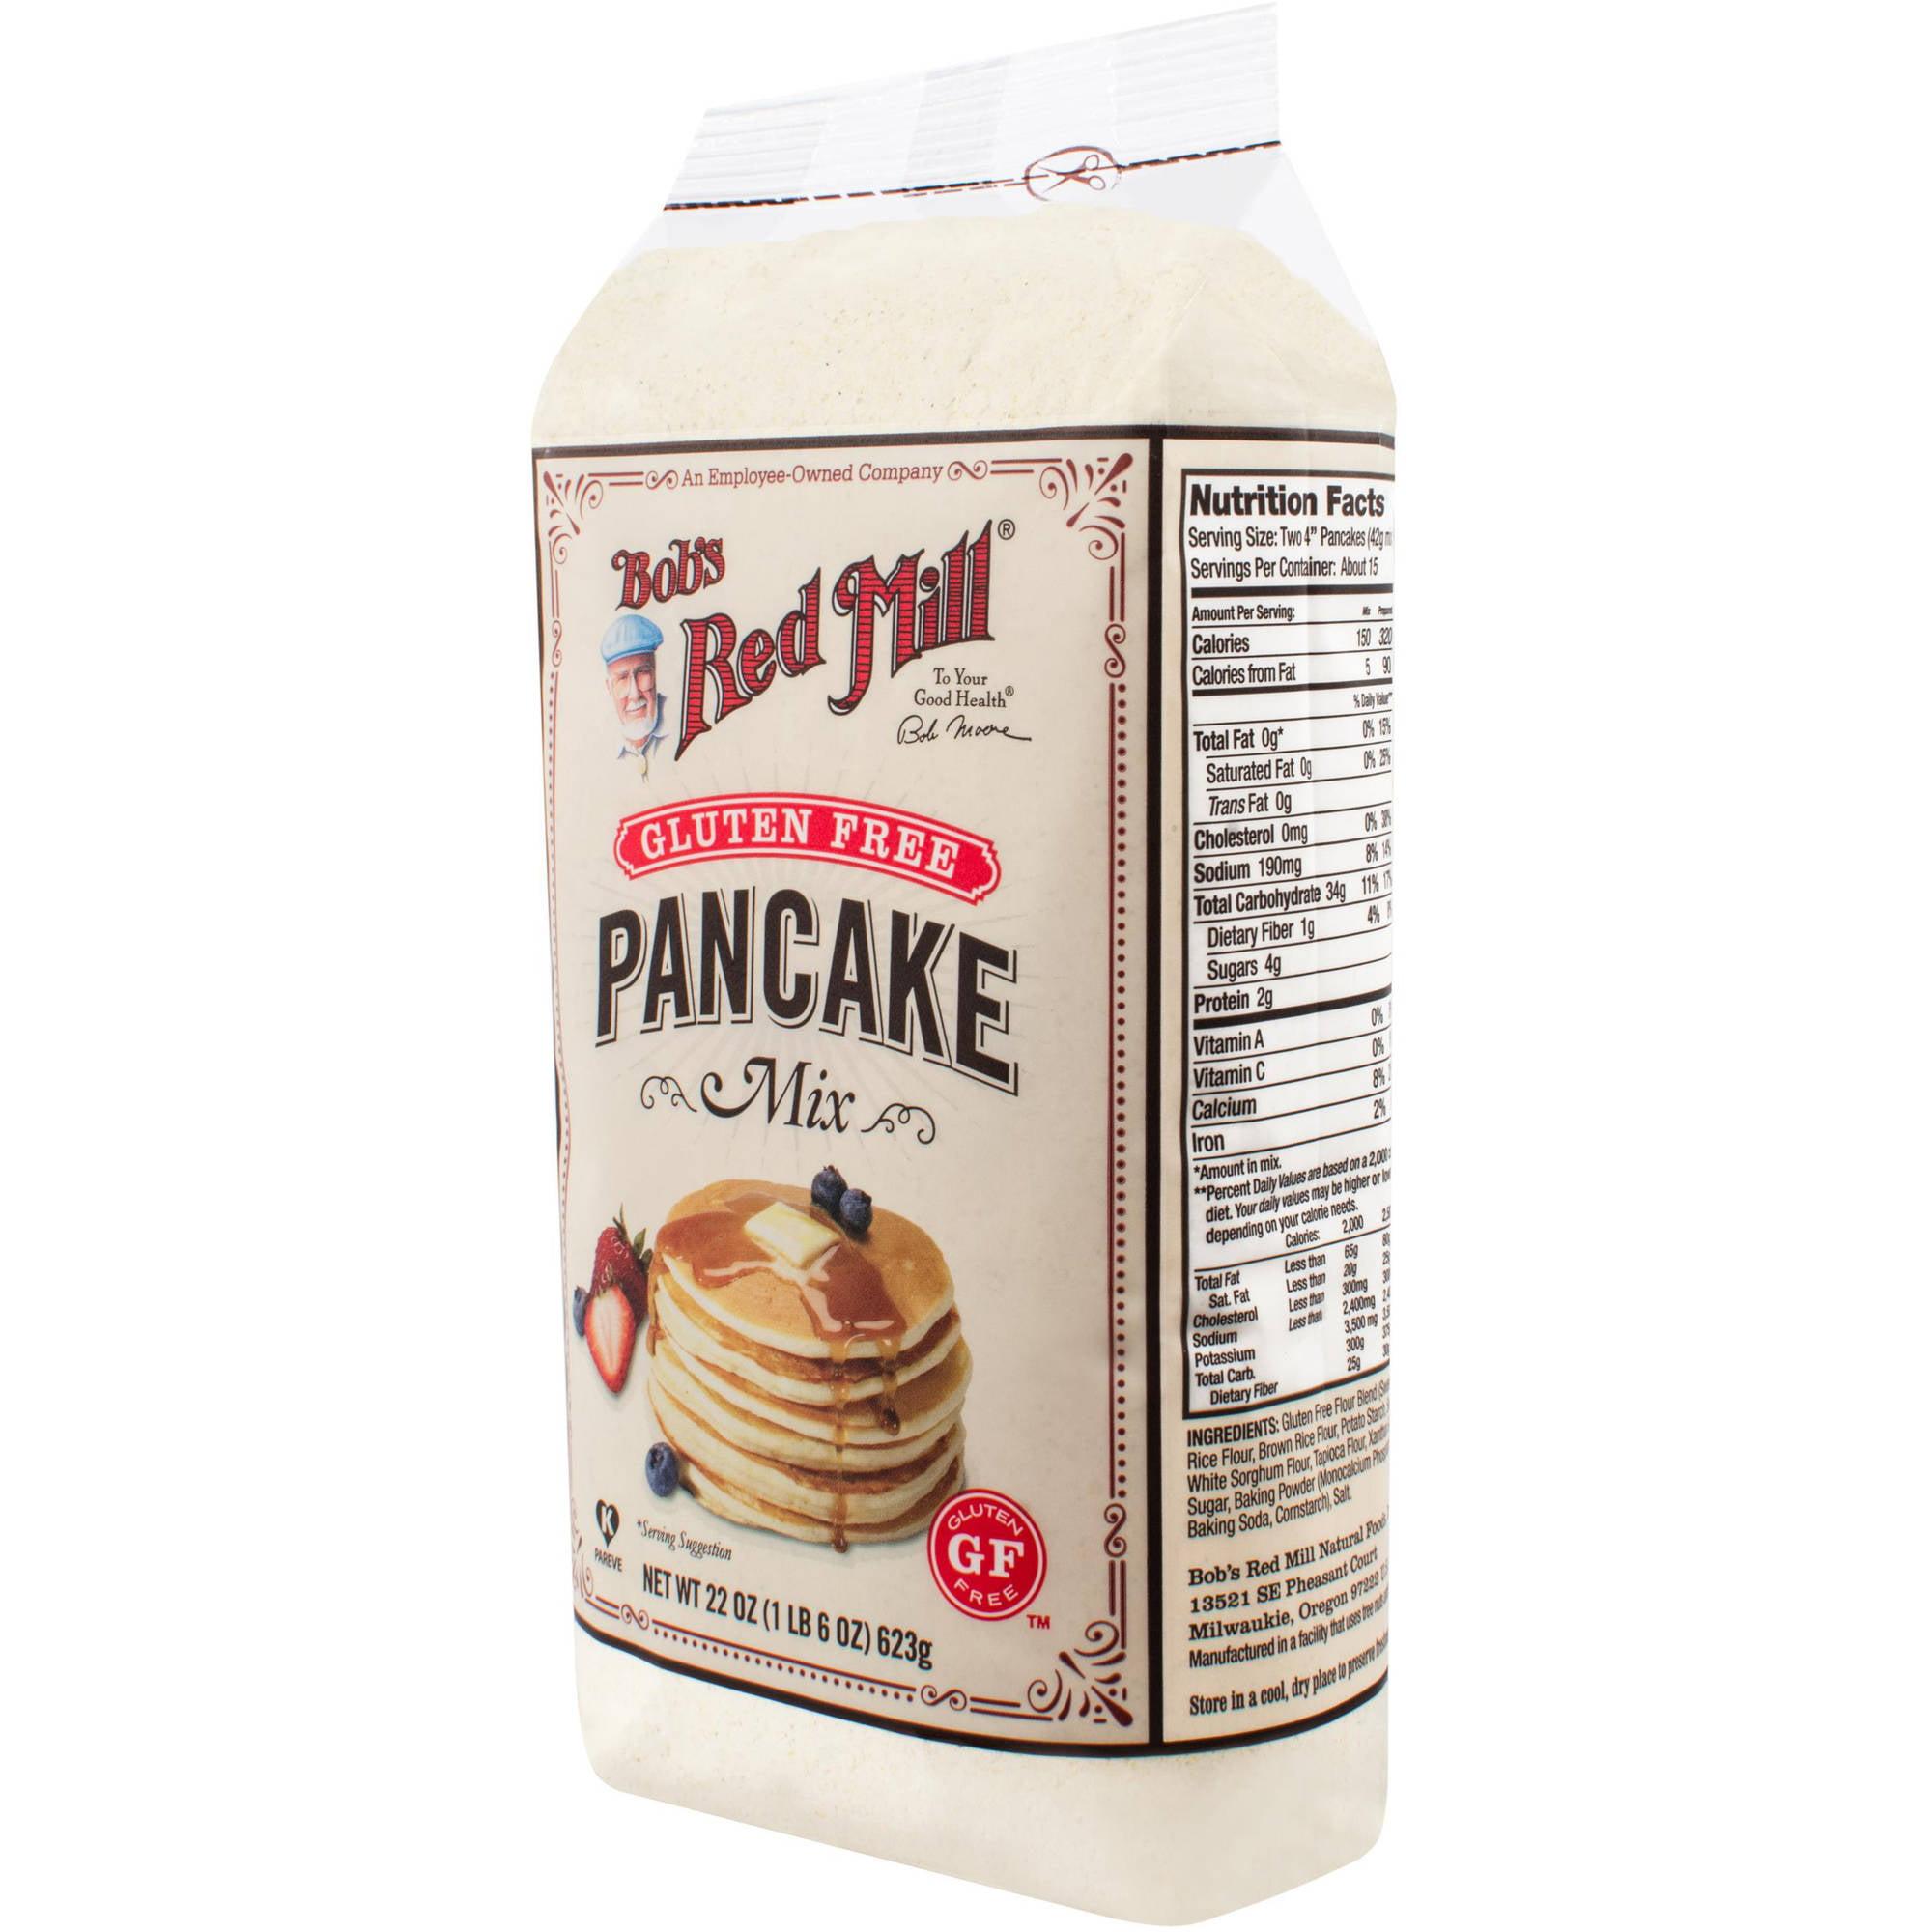 Bob mills gluten free pancakes